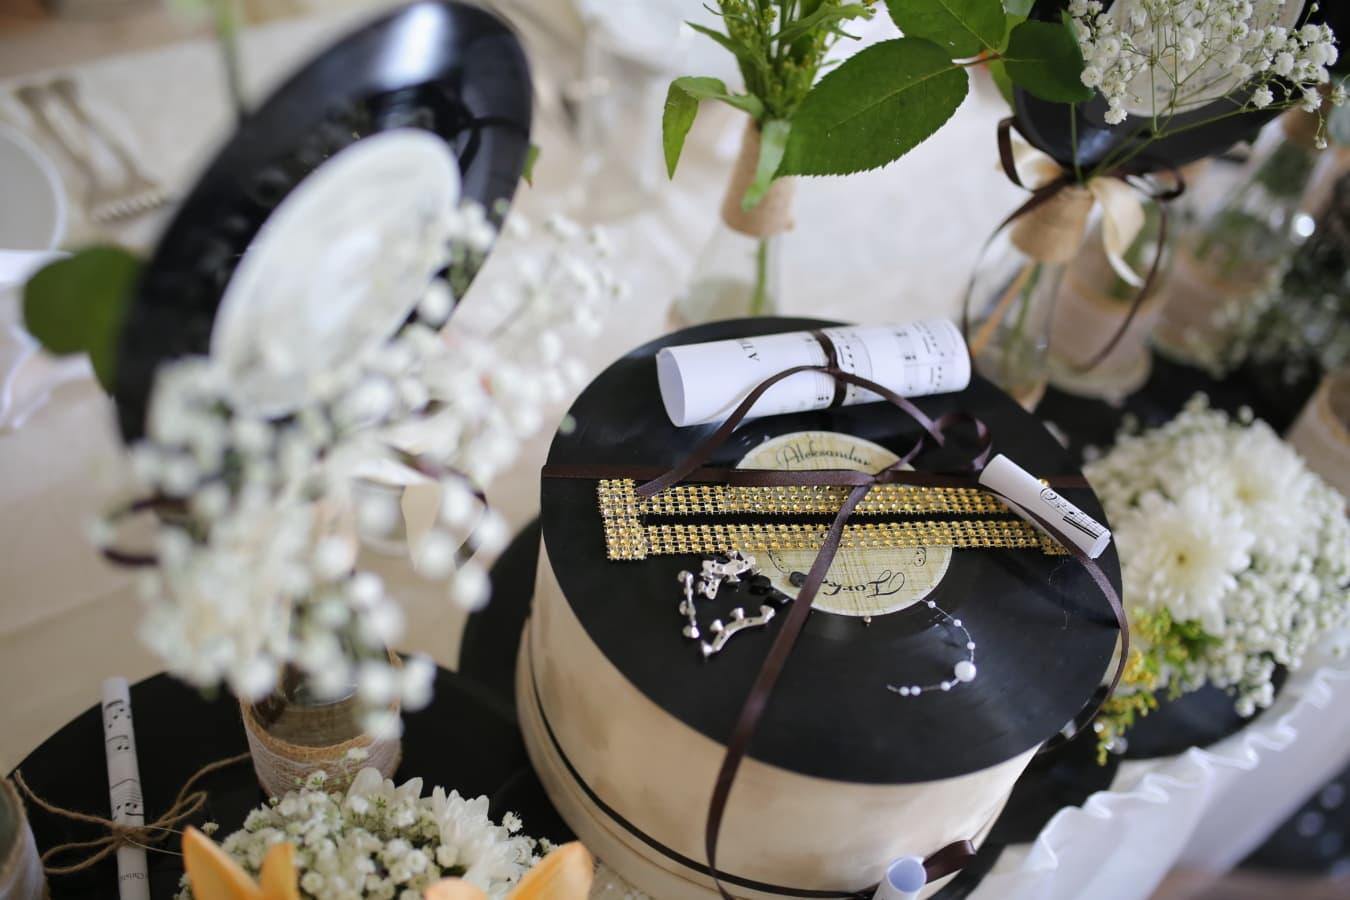 prezenty, wiadomość, Biżuteria, Walentynki, płyta winylowa, pamiątki, nostalgia, eleganckie, luksusowe, projektowanie wnętrz